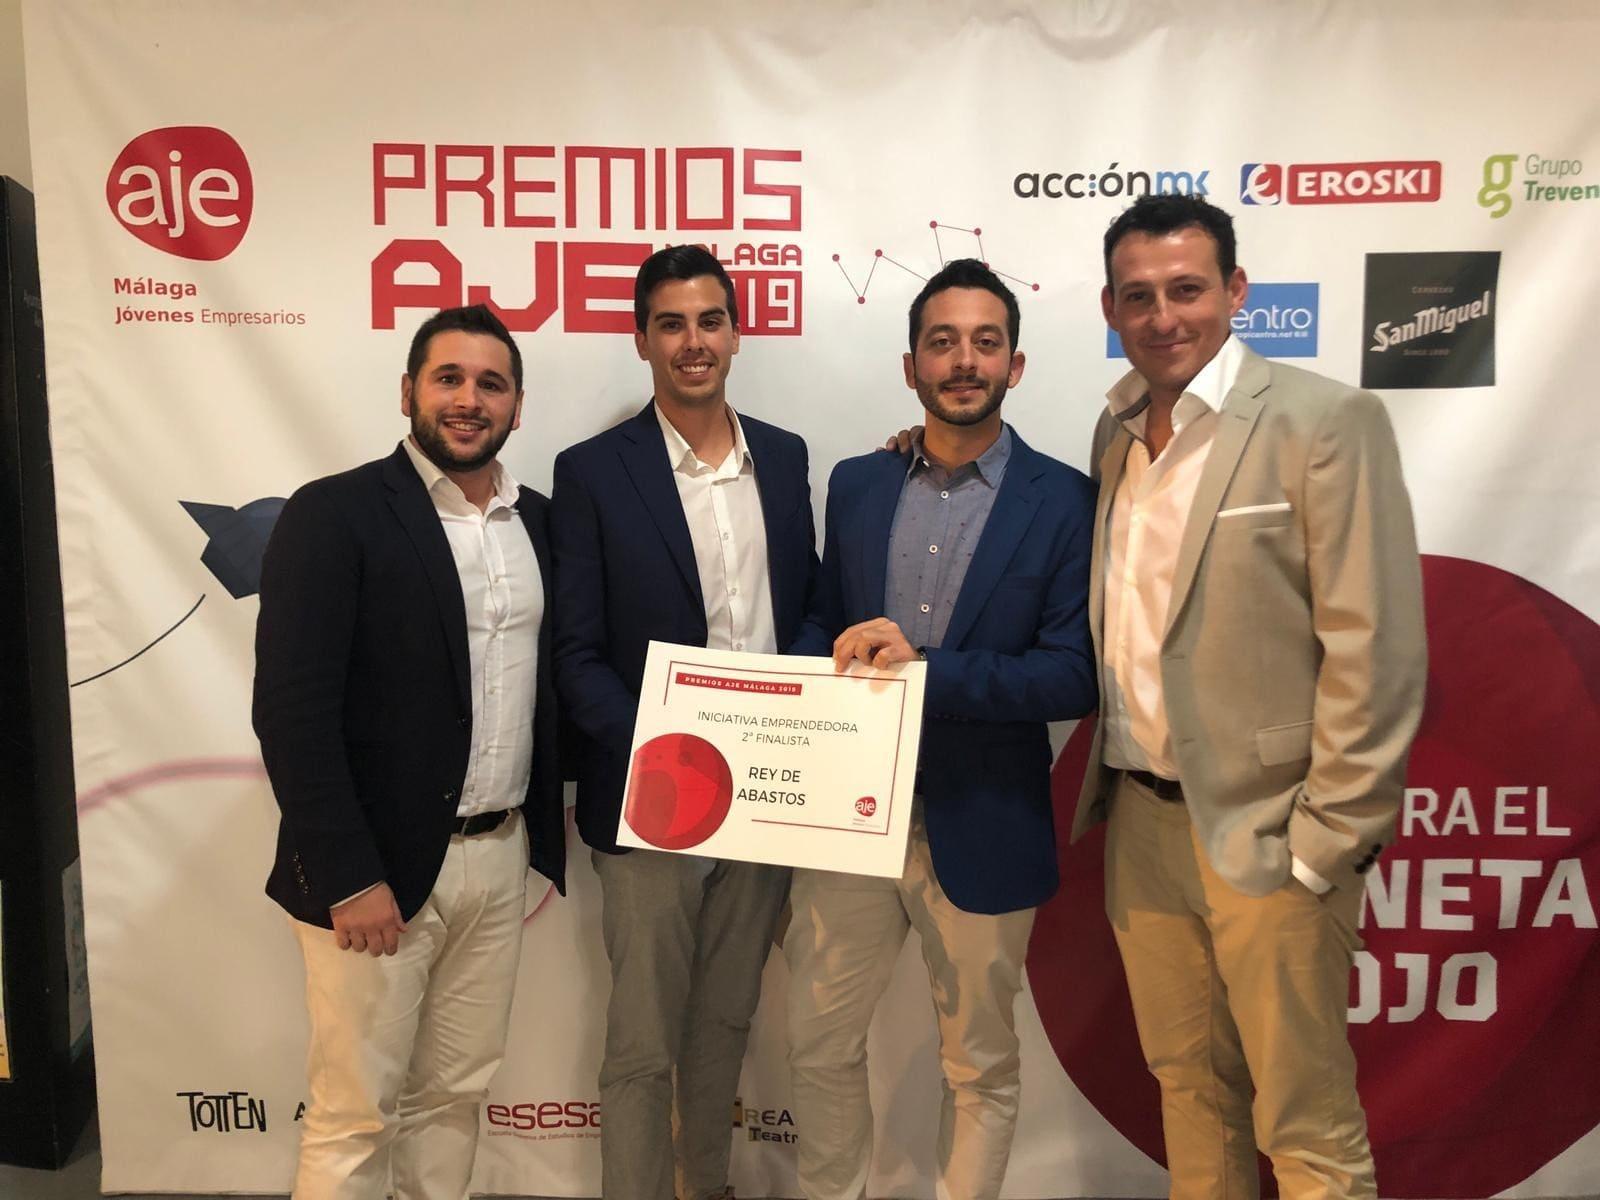 Rey de Abastos, finalista en los Premios AJE Málaga 2019